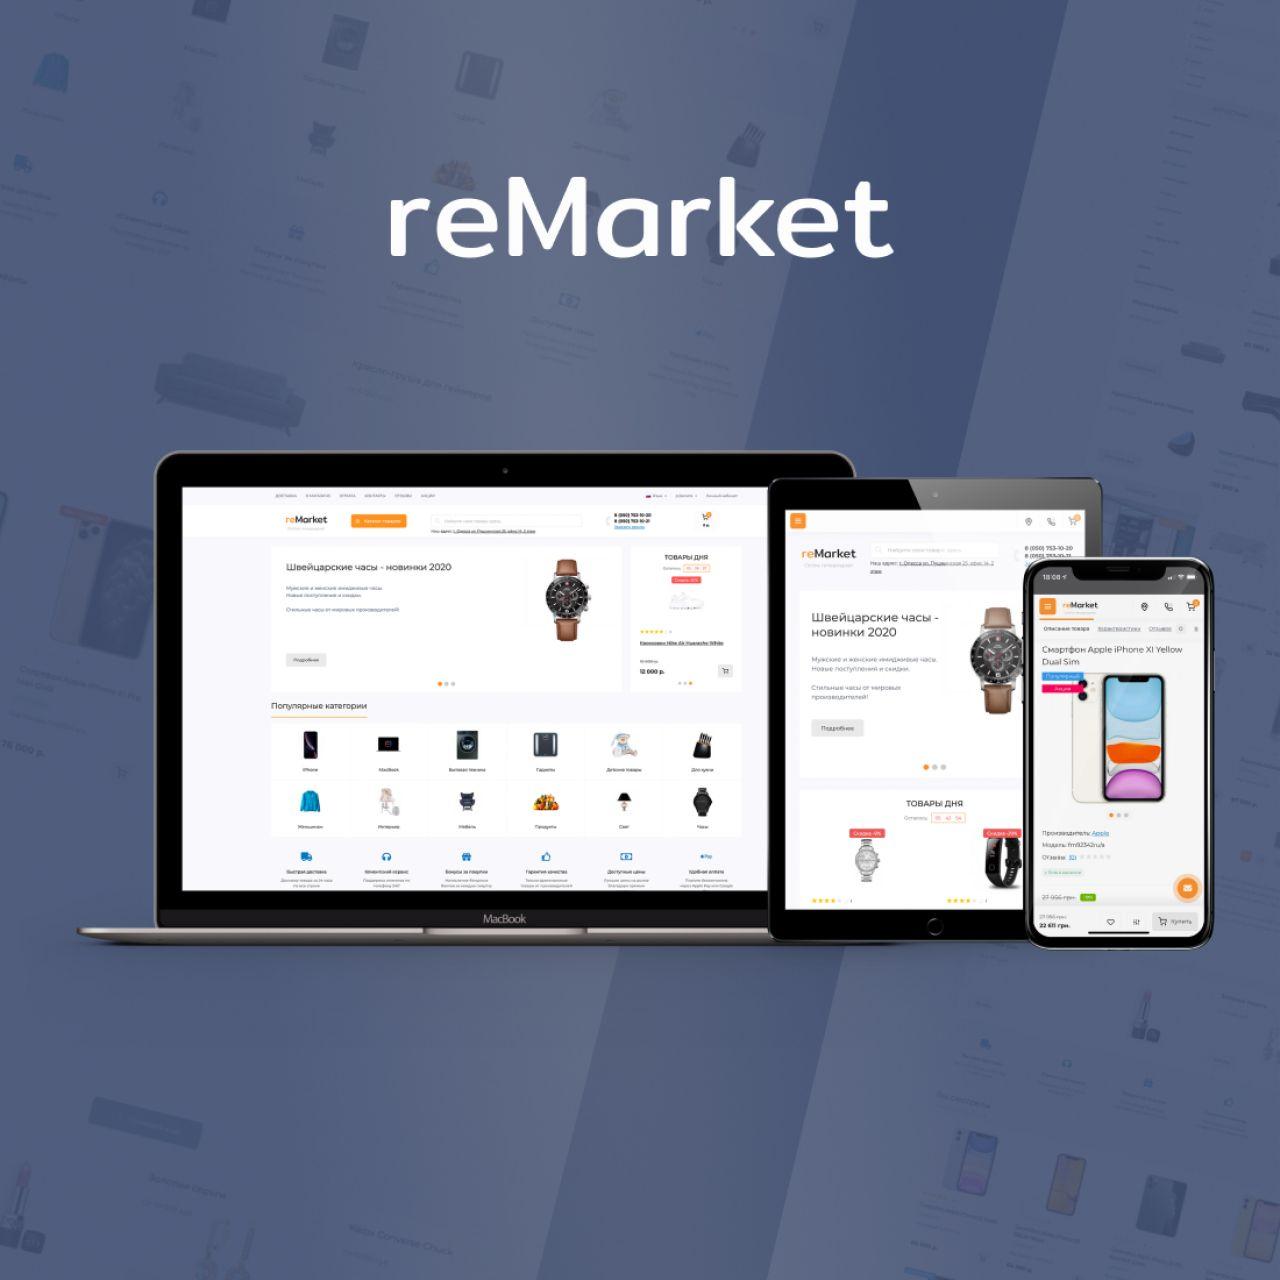 ReMarket - адаптивный универсальный шаблон  (v 1.0.7) из категории Шаблоны для CMS OpenCart (ОпенКарт)